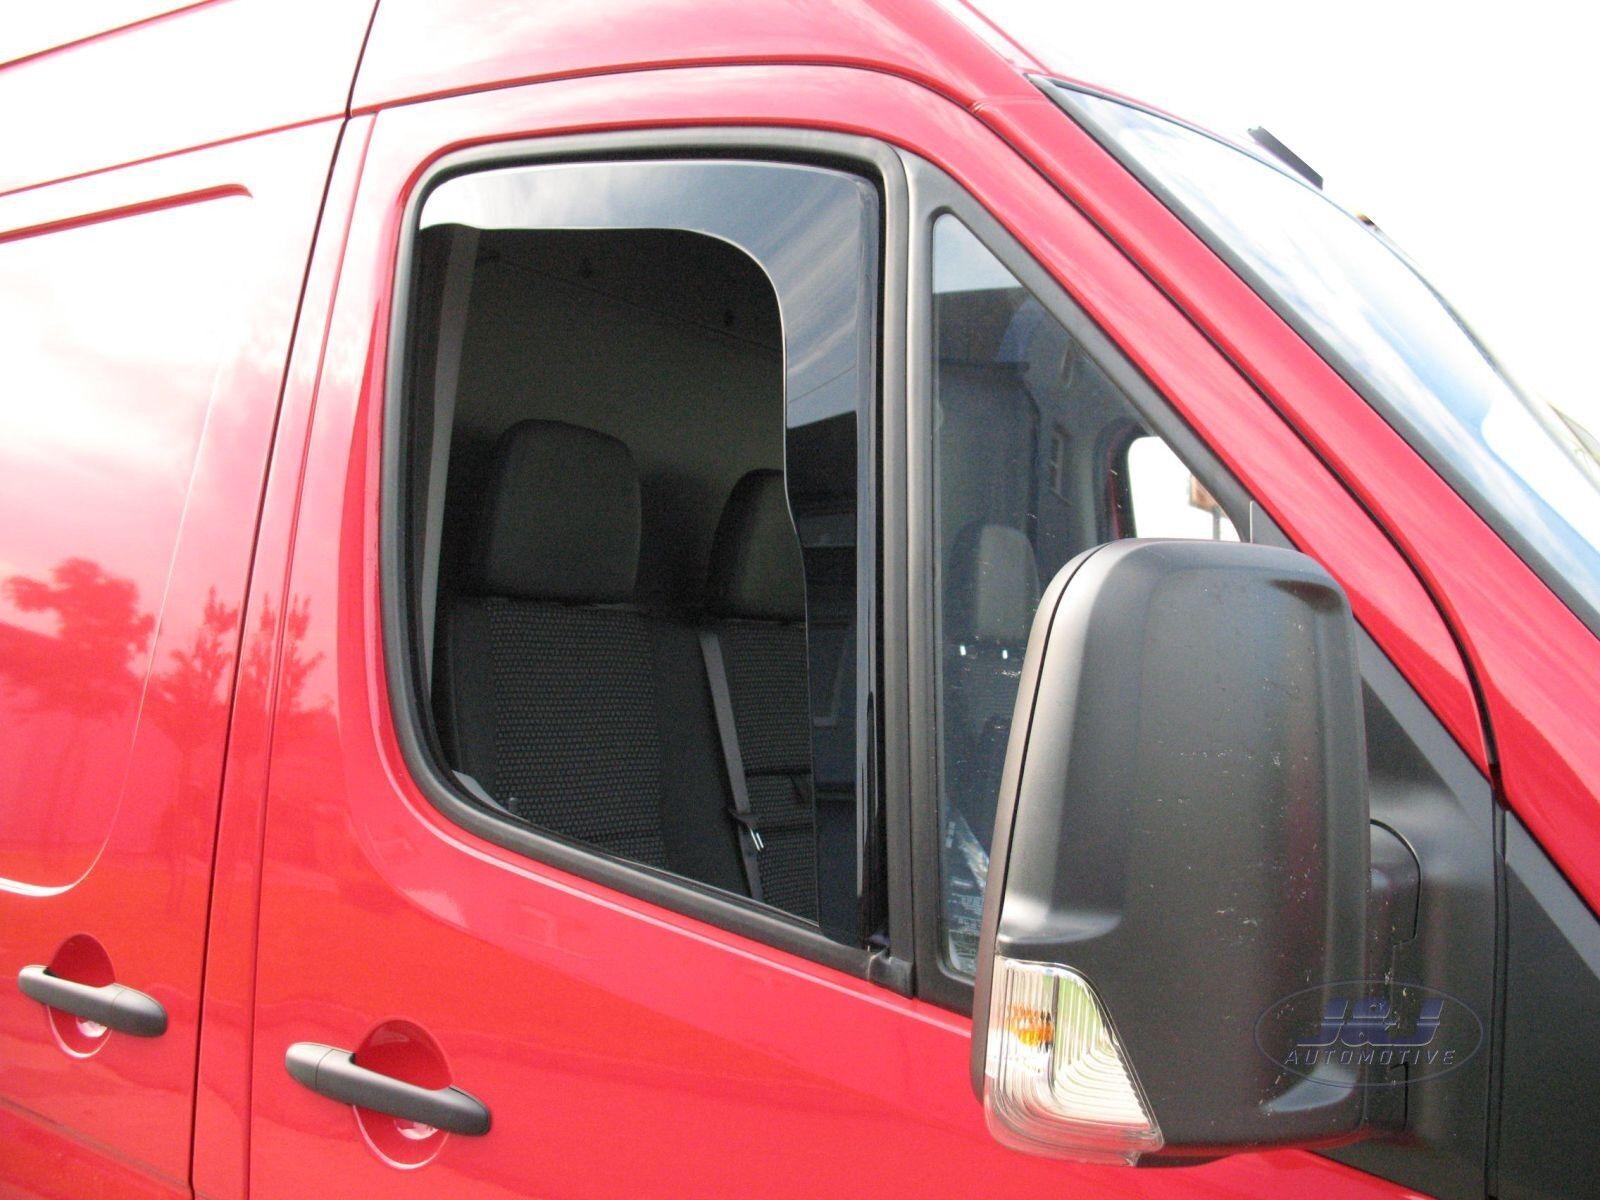 mercedes sprinter 3 portes 2006 pr s deflecteurs d 39 air d flecteurs de vent 2pcs ebay. Black Bedroom Furniture Sets. Home Design Ideas